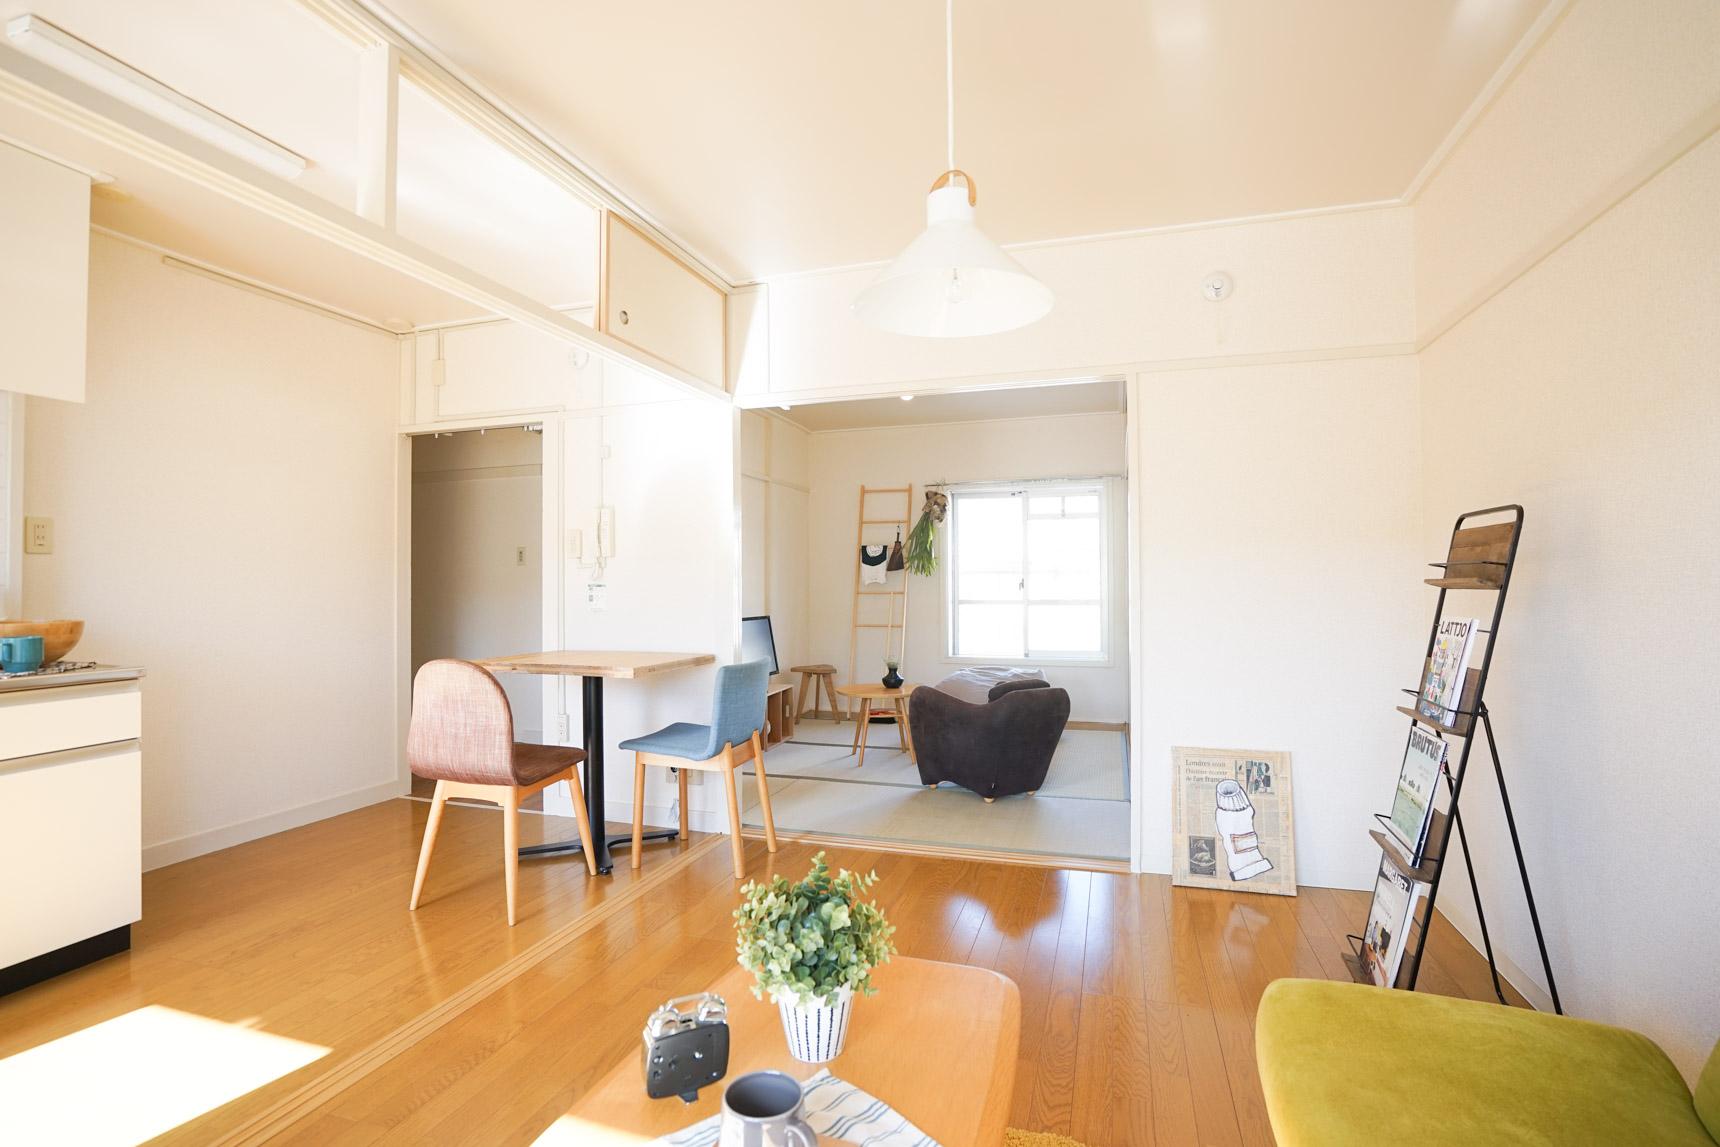 洋室と和室とで、床の色や質感が変わり、空間にメリハリがでます。